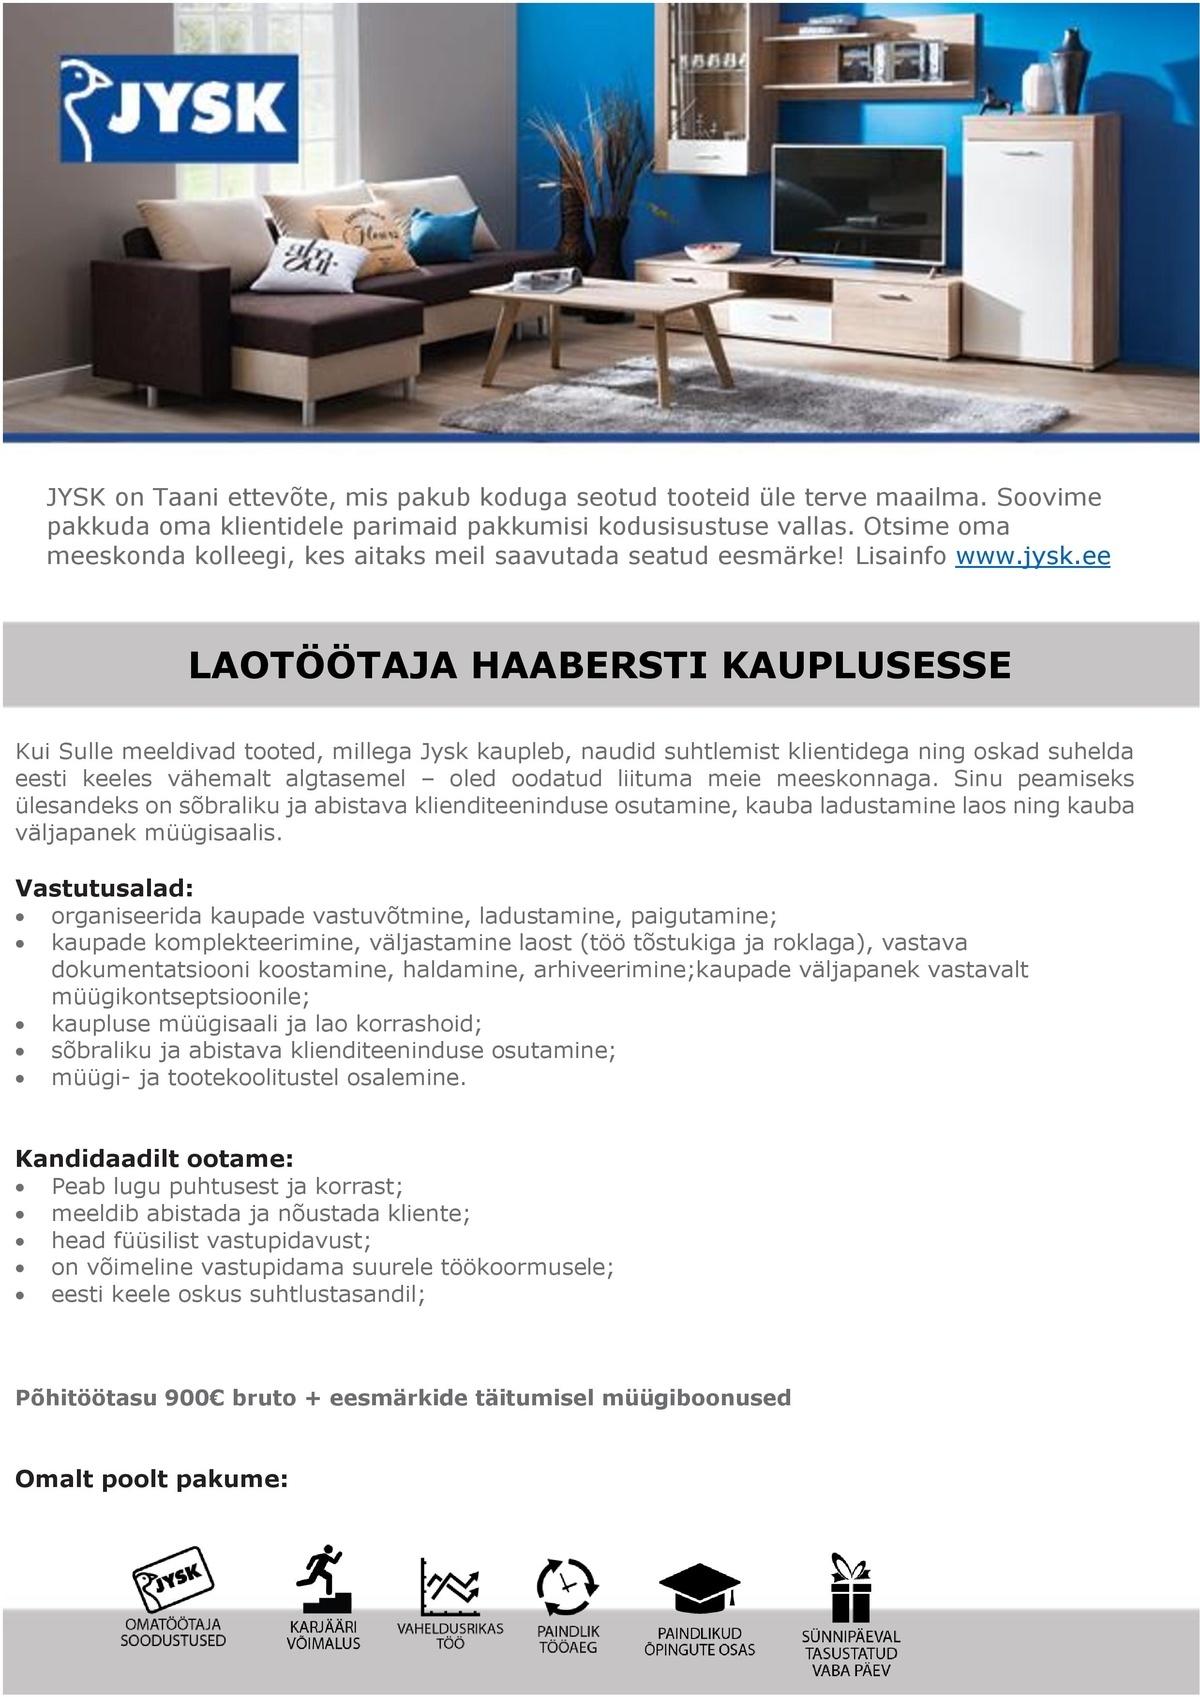 ceda0bf2765 CV Keskus tööpakkumine Laotöötaja Tallinna Haabersti Jyski